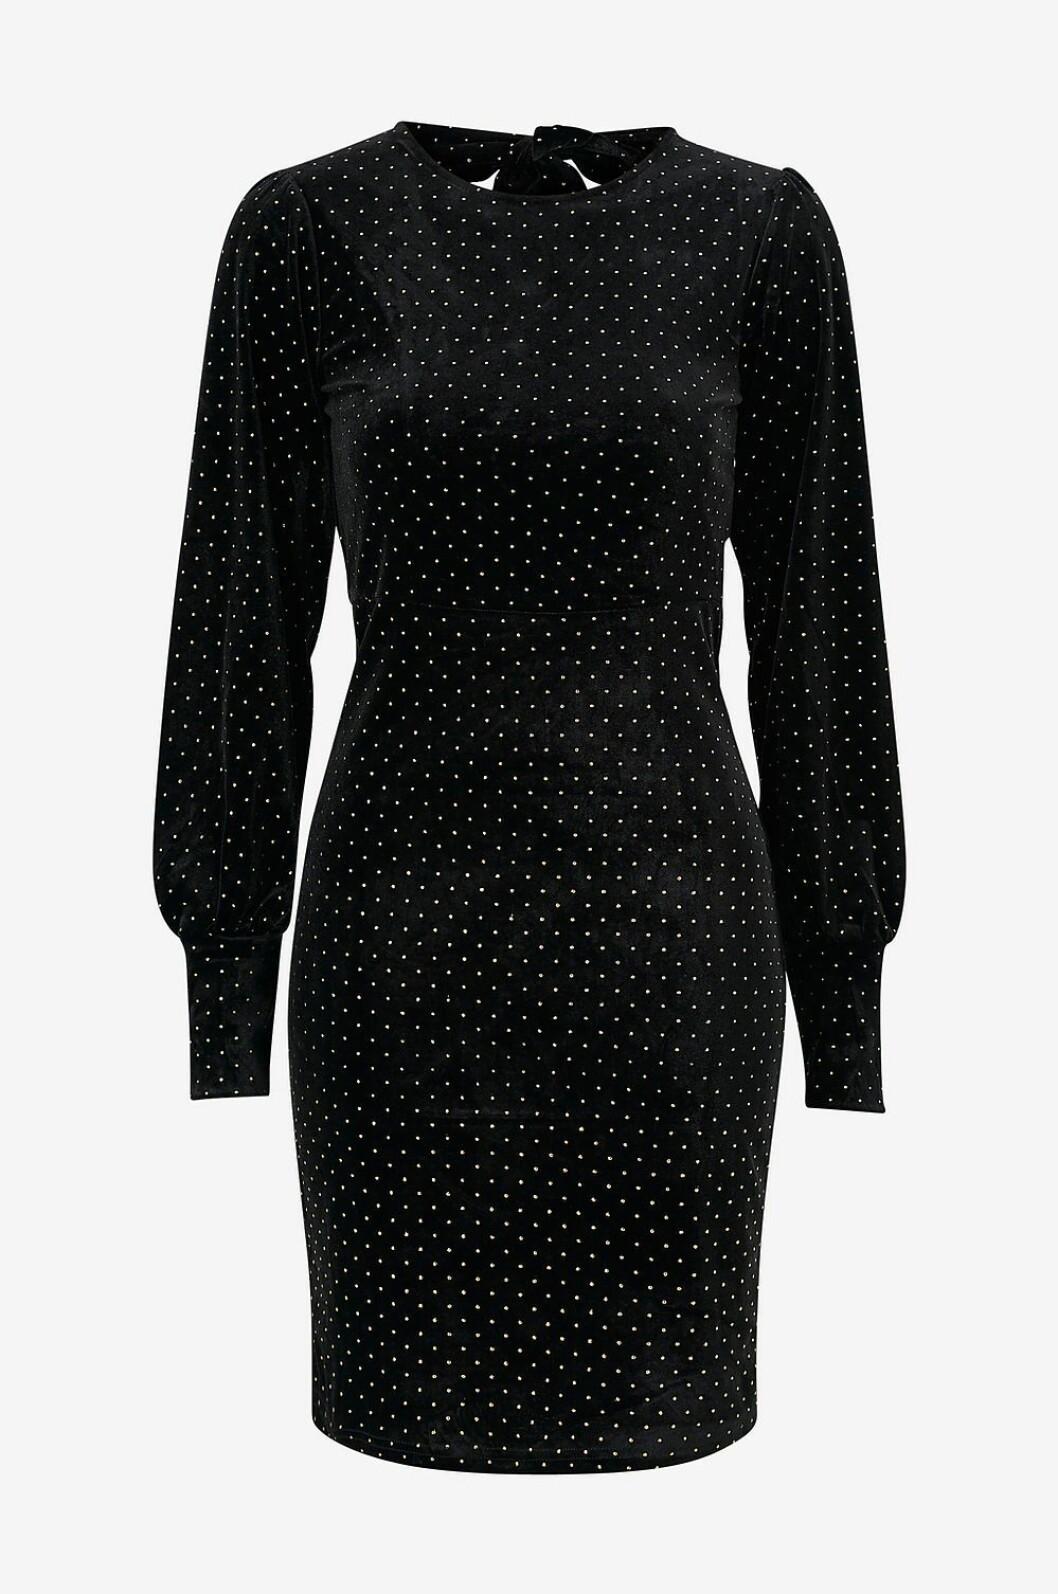 Svart sammetsklänning till fest för dam 2019